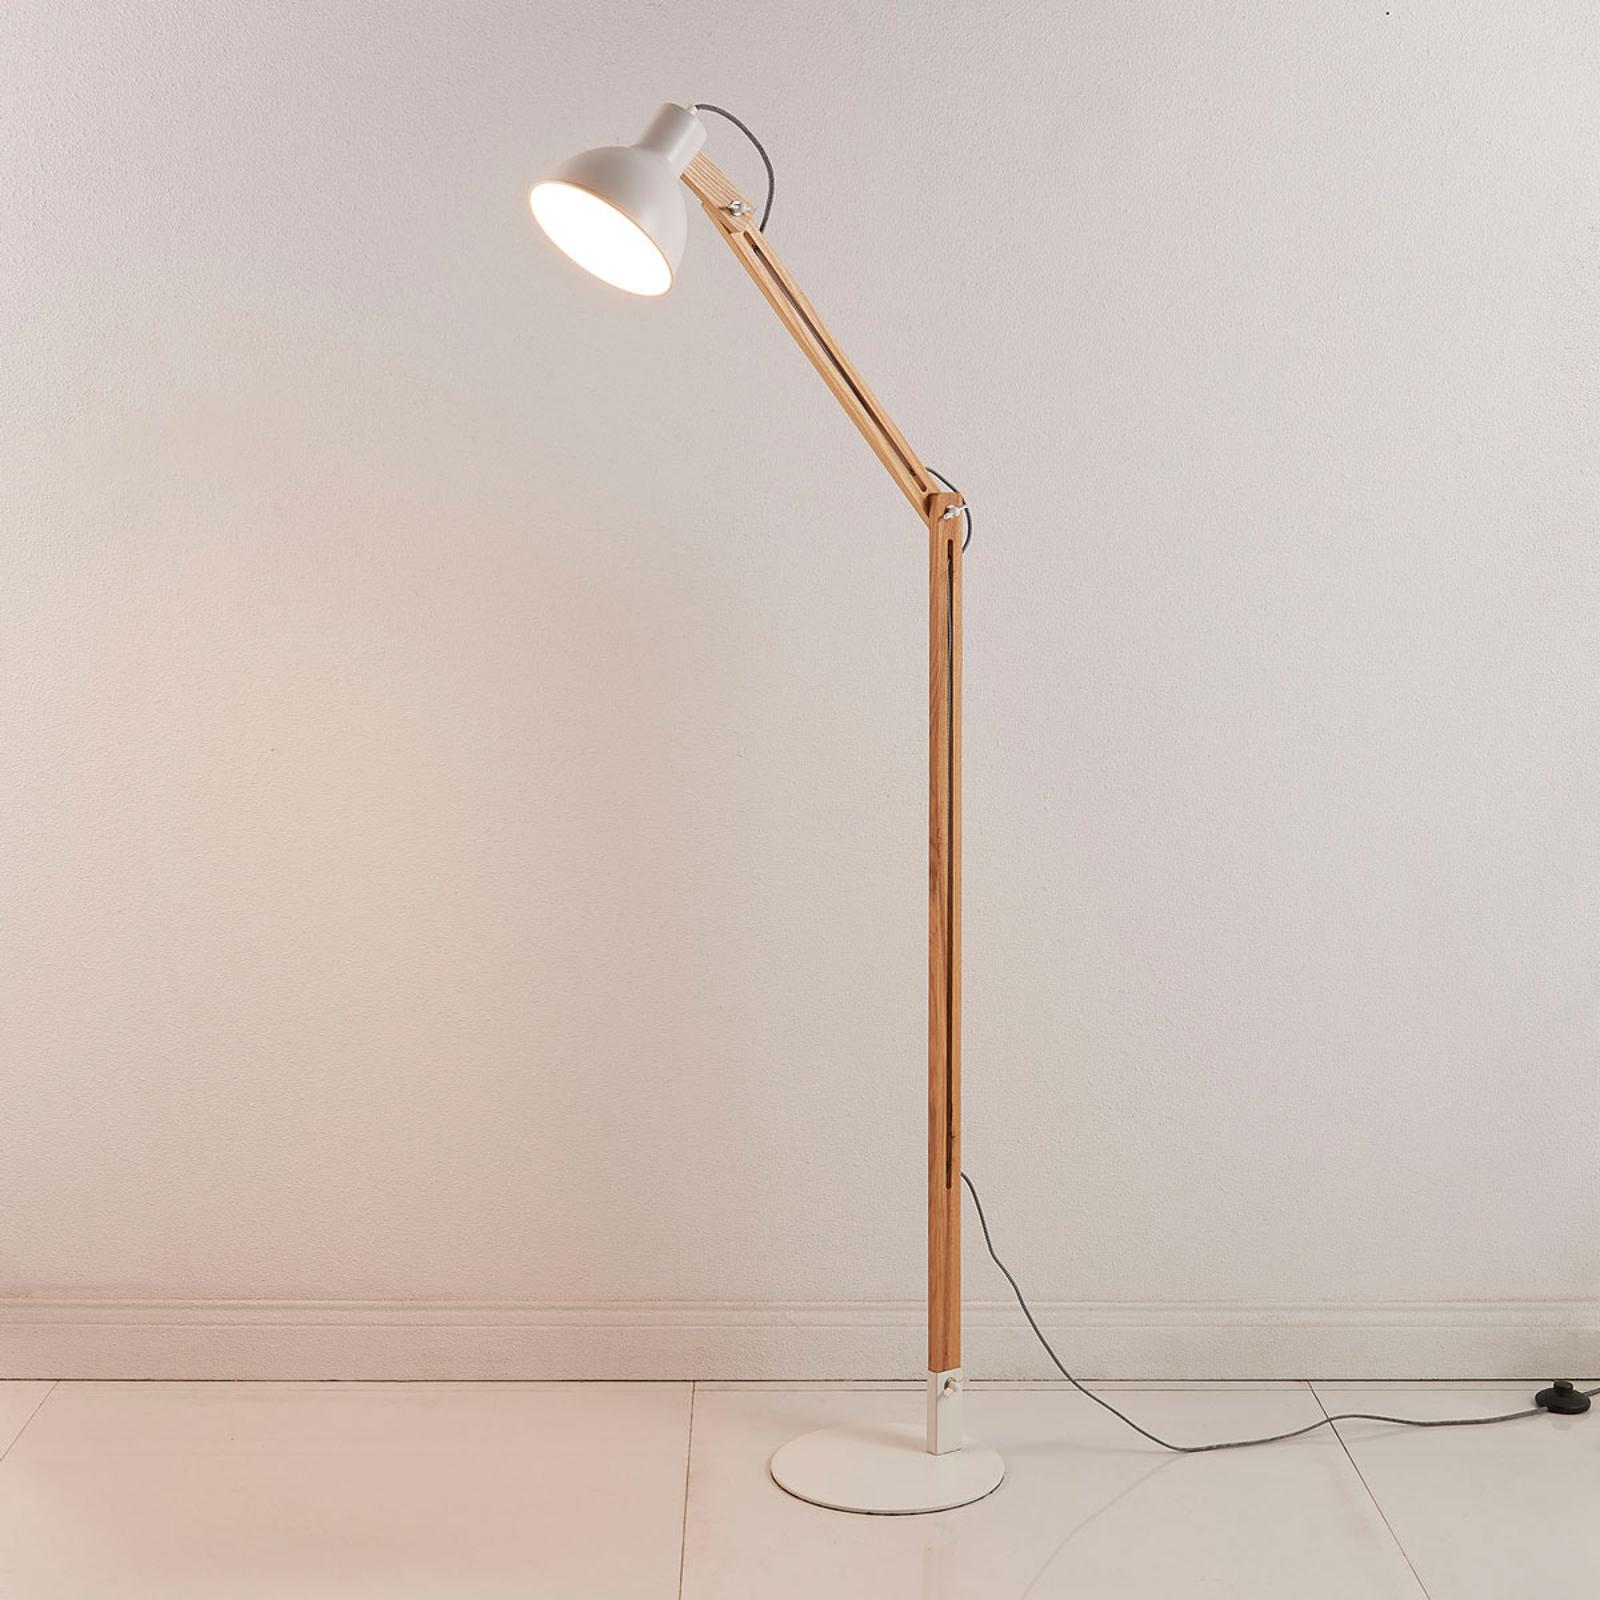 Shivanja - Lampa stojąca z drewna i metalu